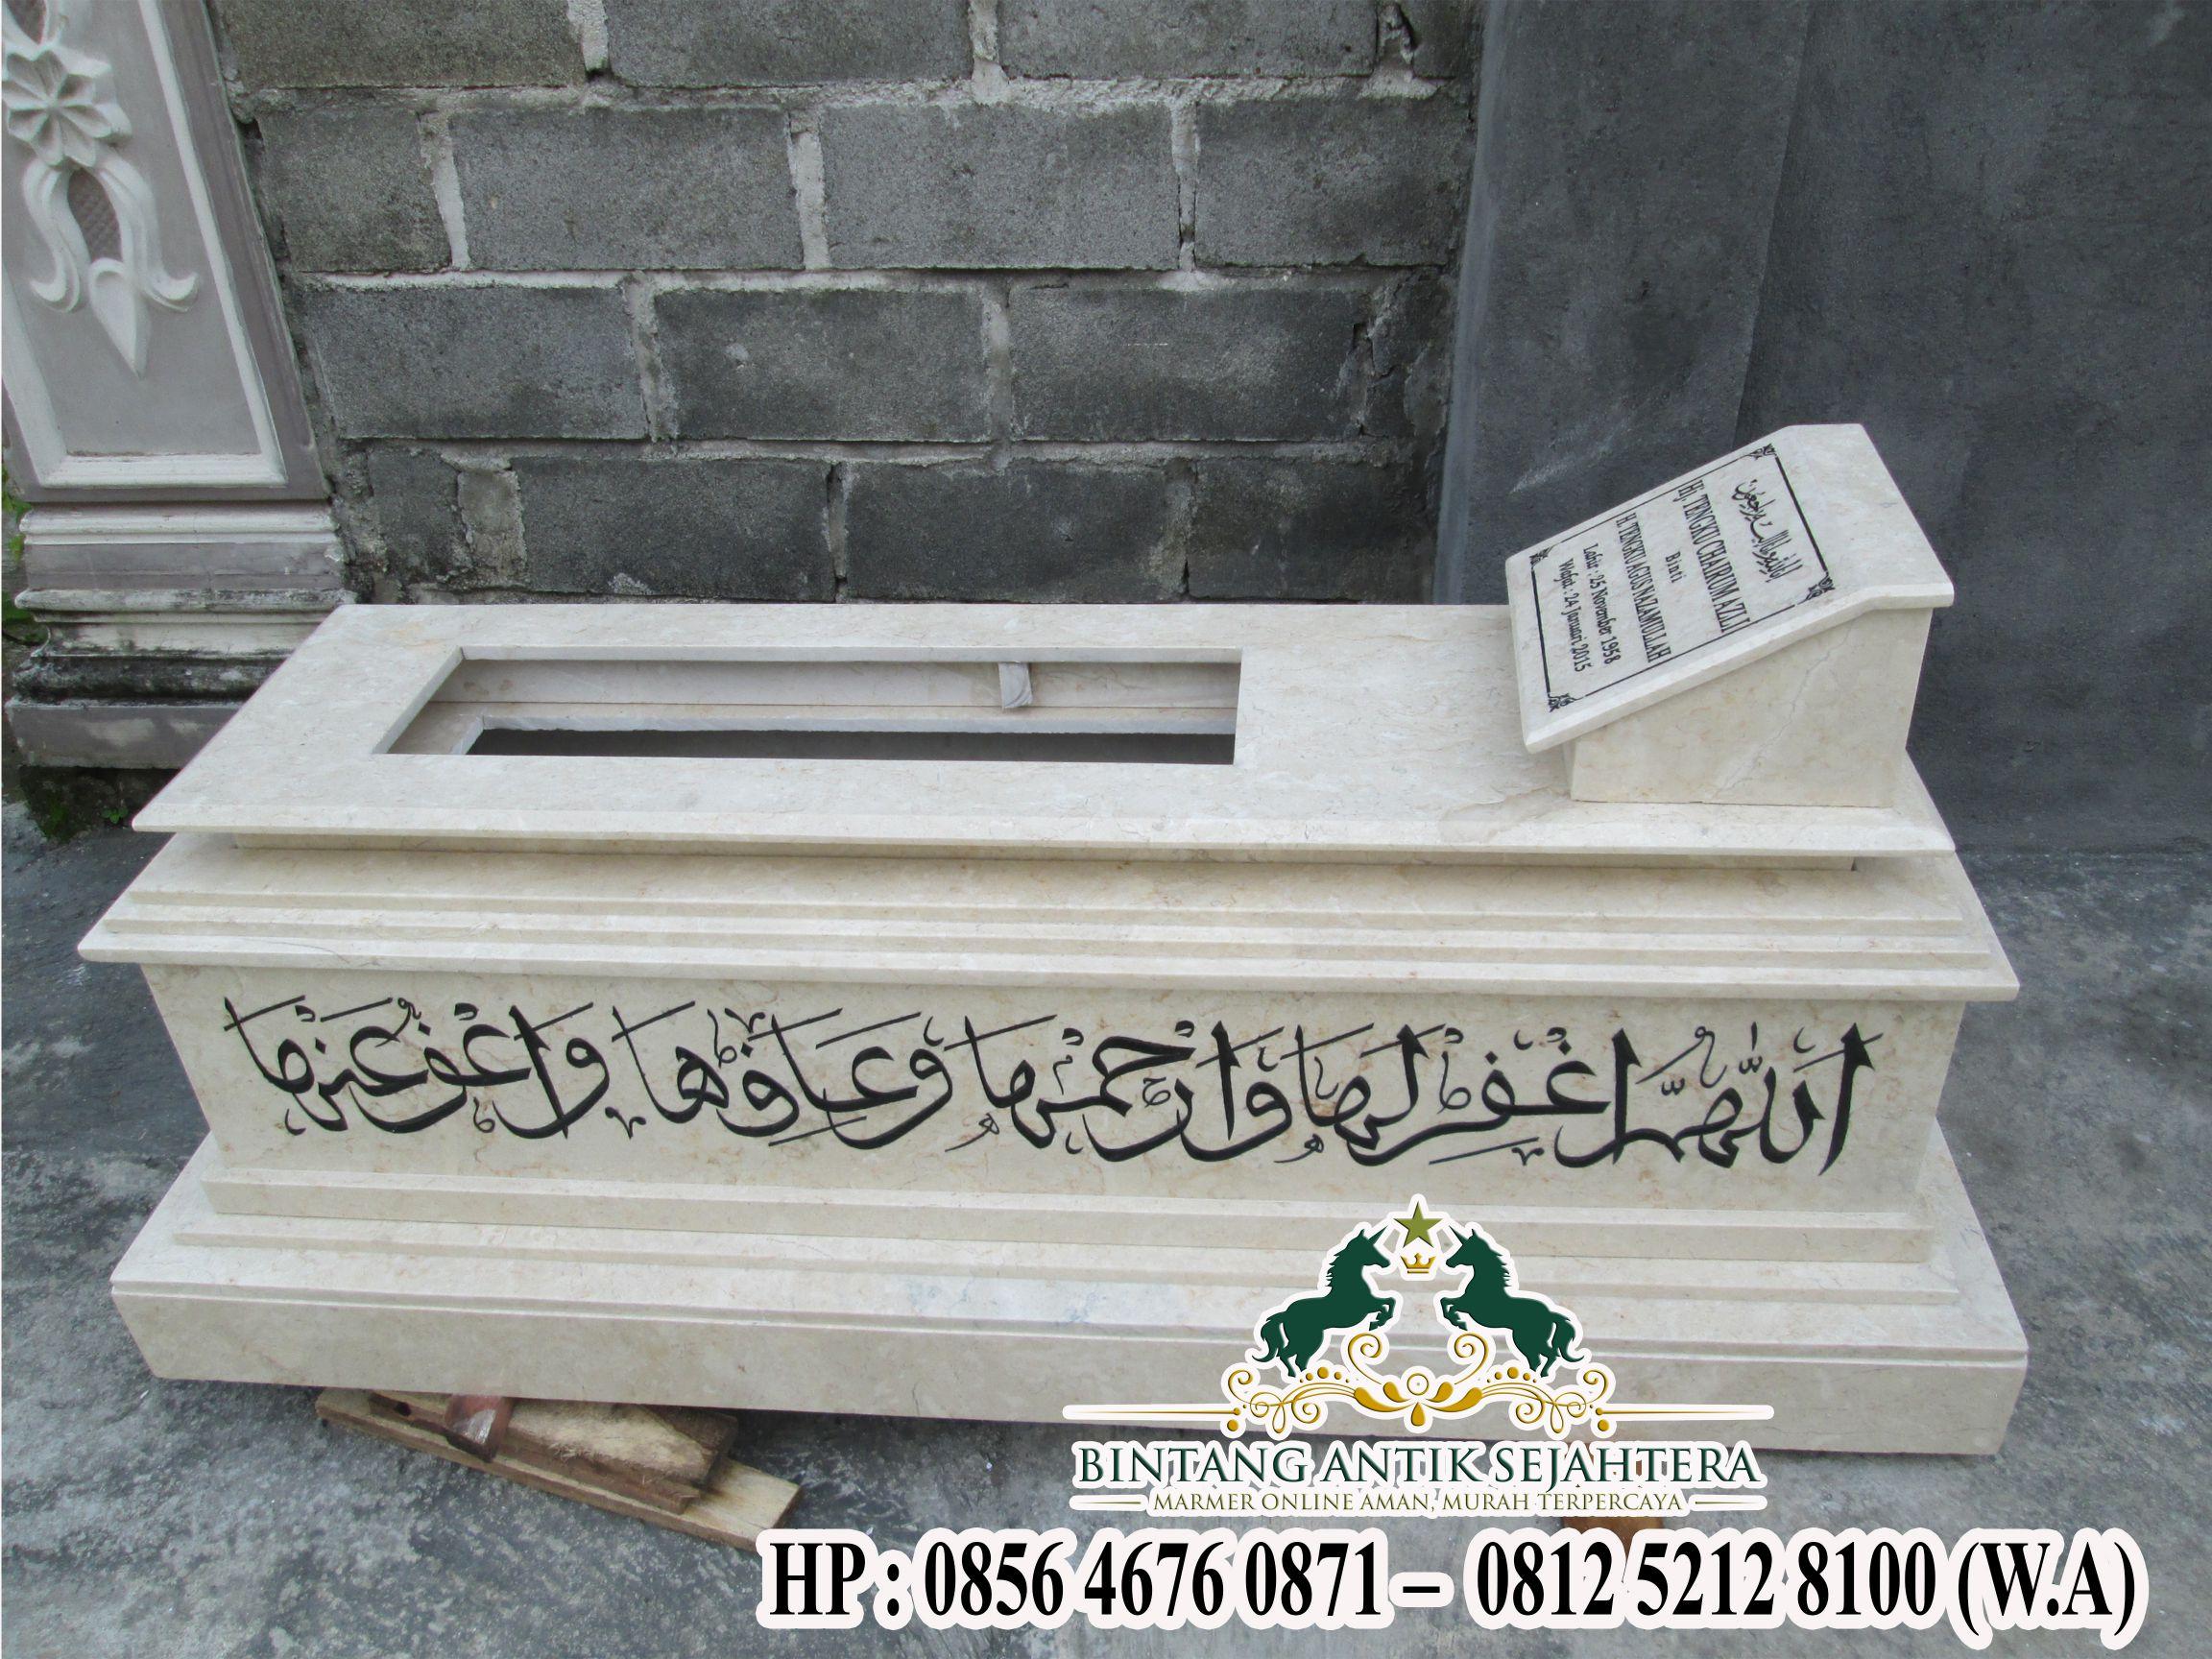 Contoh Kijing Islam Marmer dan Granit | Kijing Makam Marmer Terbaik